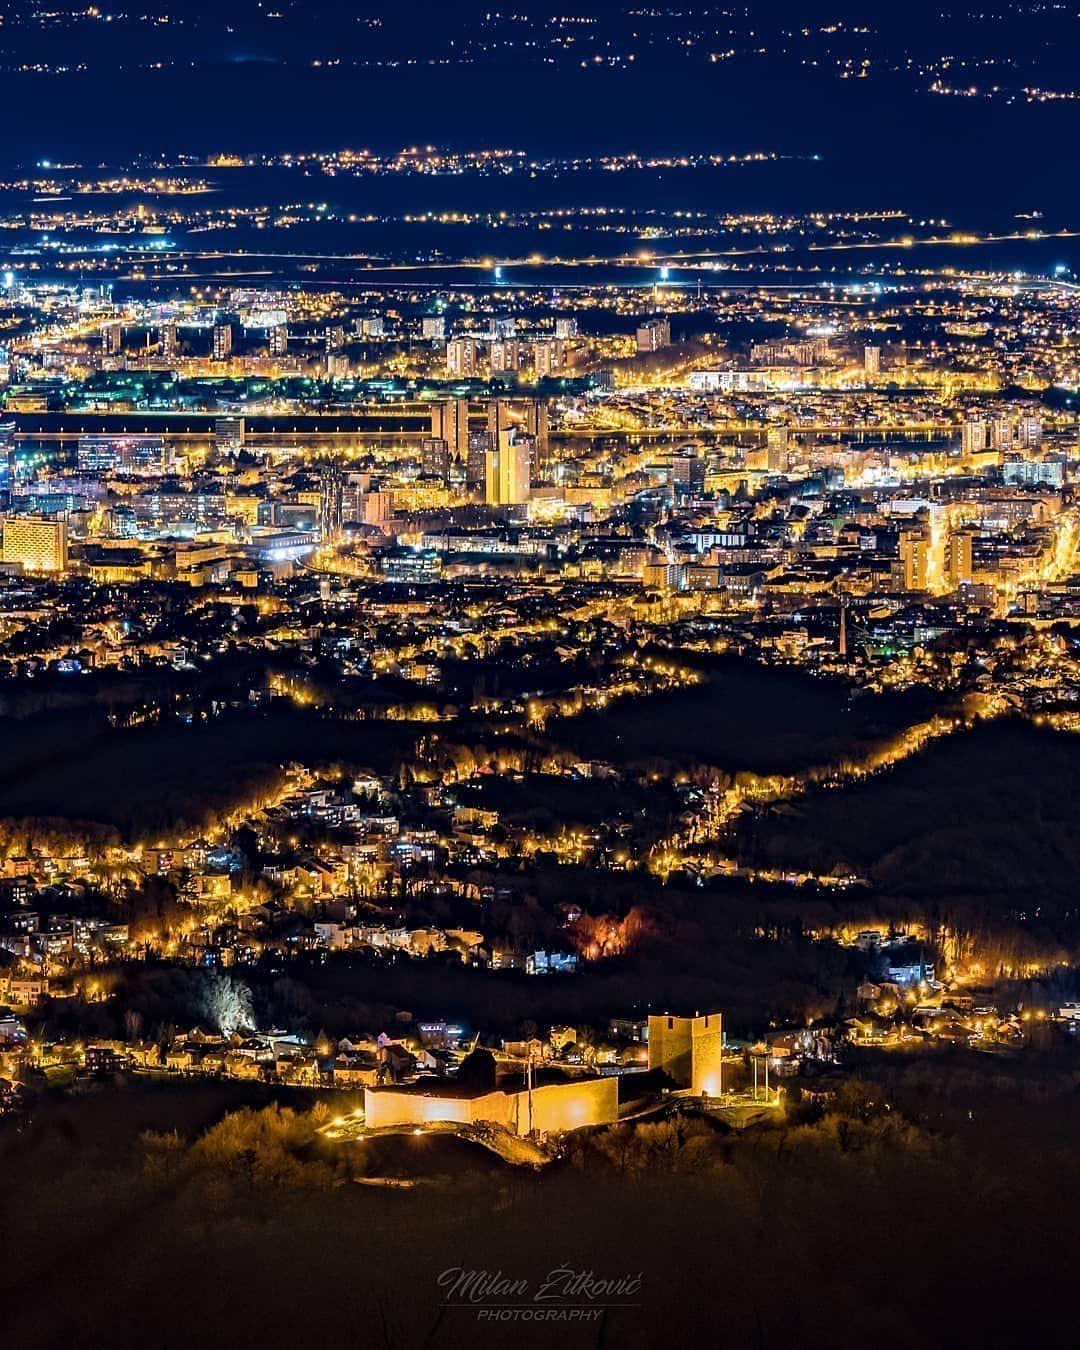 Cro Explore On Instagram Nightlife In Zagreb Croatiafulloflife Zagrebcity Zagreb In 2020 Croatia Aerial Photo